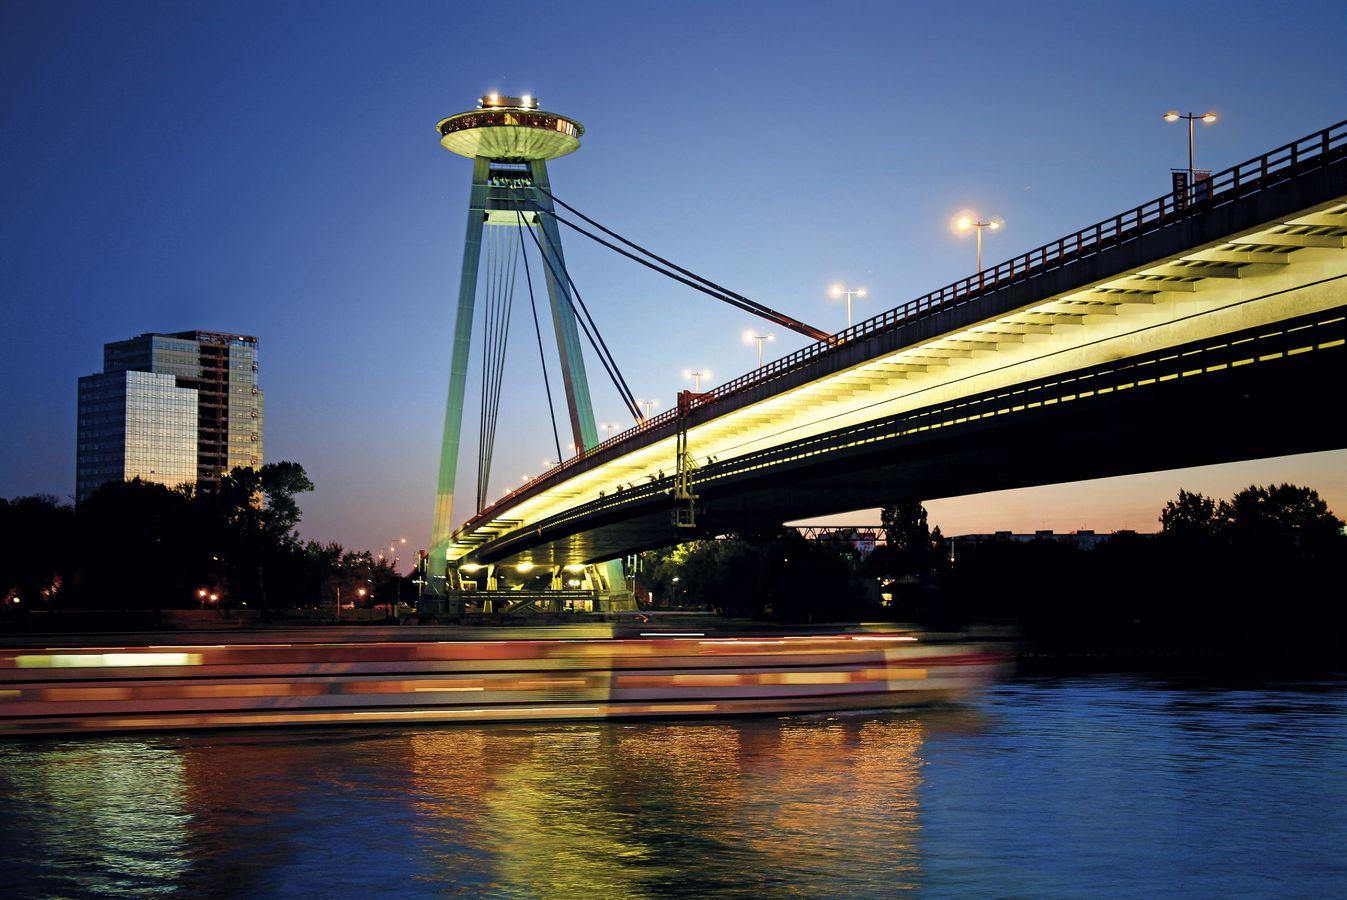 csm_Bratislava_MostSNP_Schreiber%20%285%29_dd2f777496.jpg